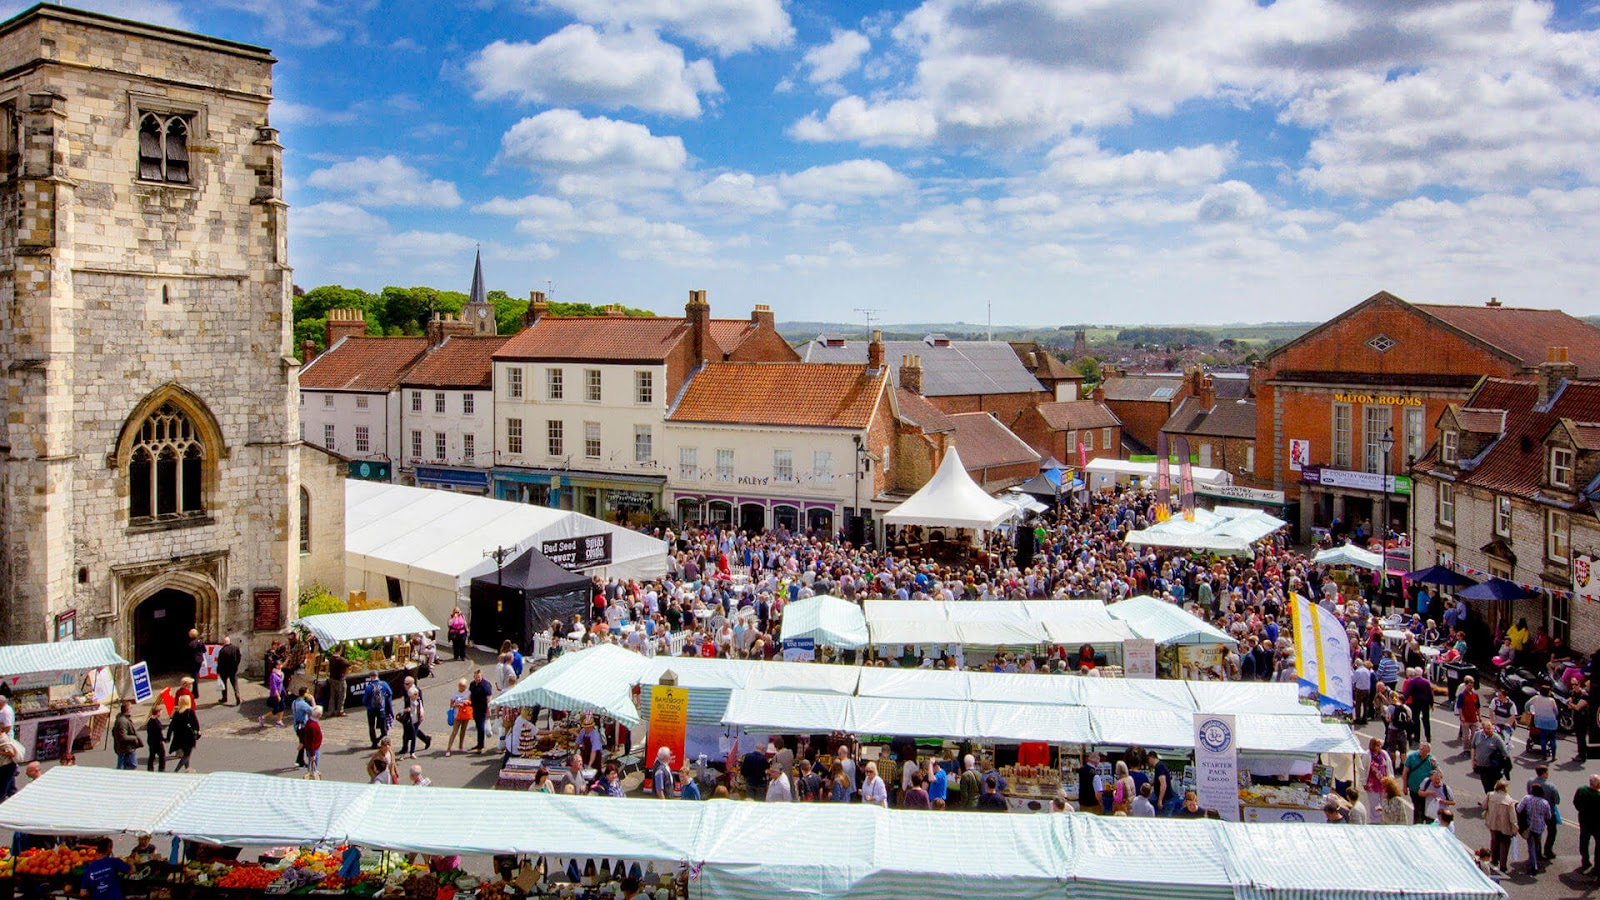 malton harvest food festival